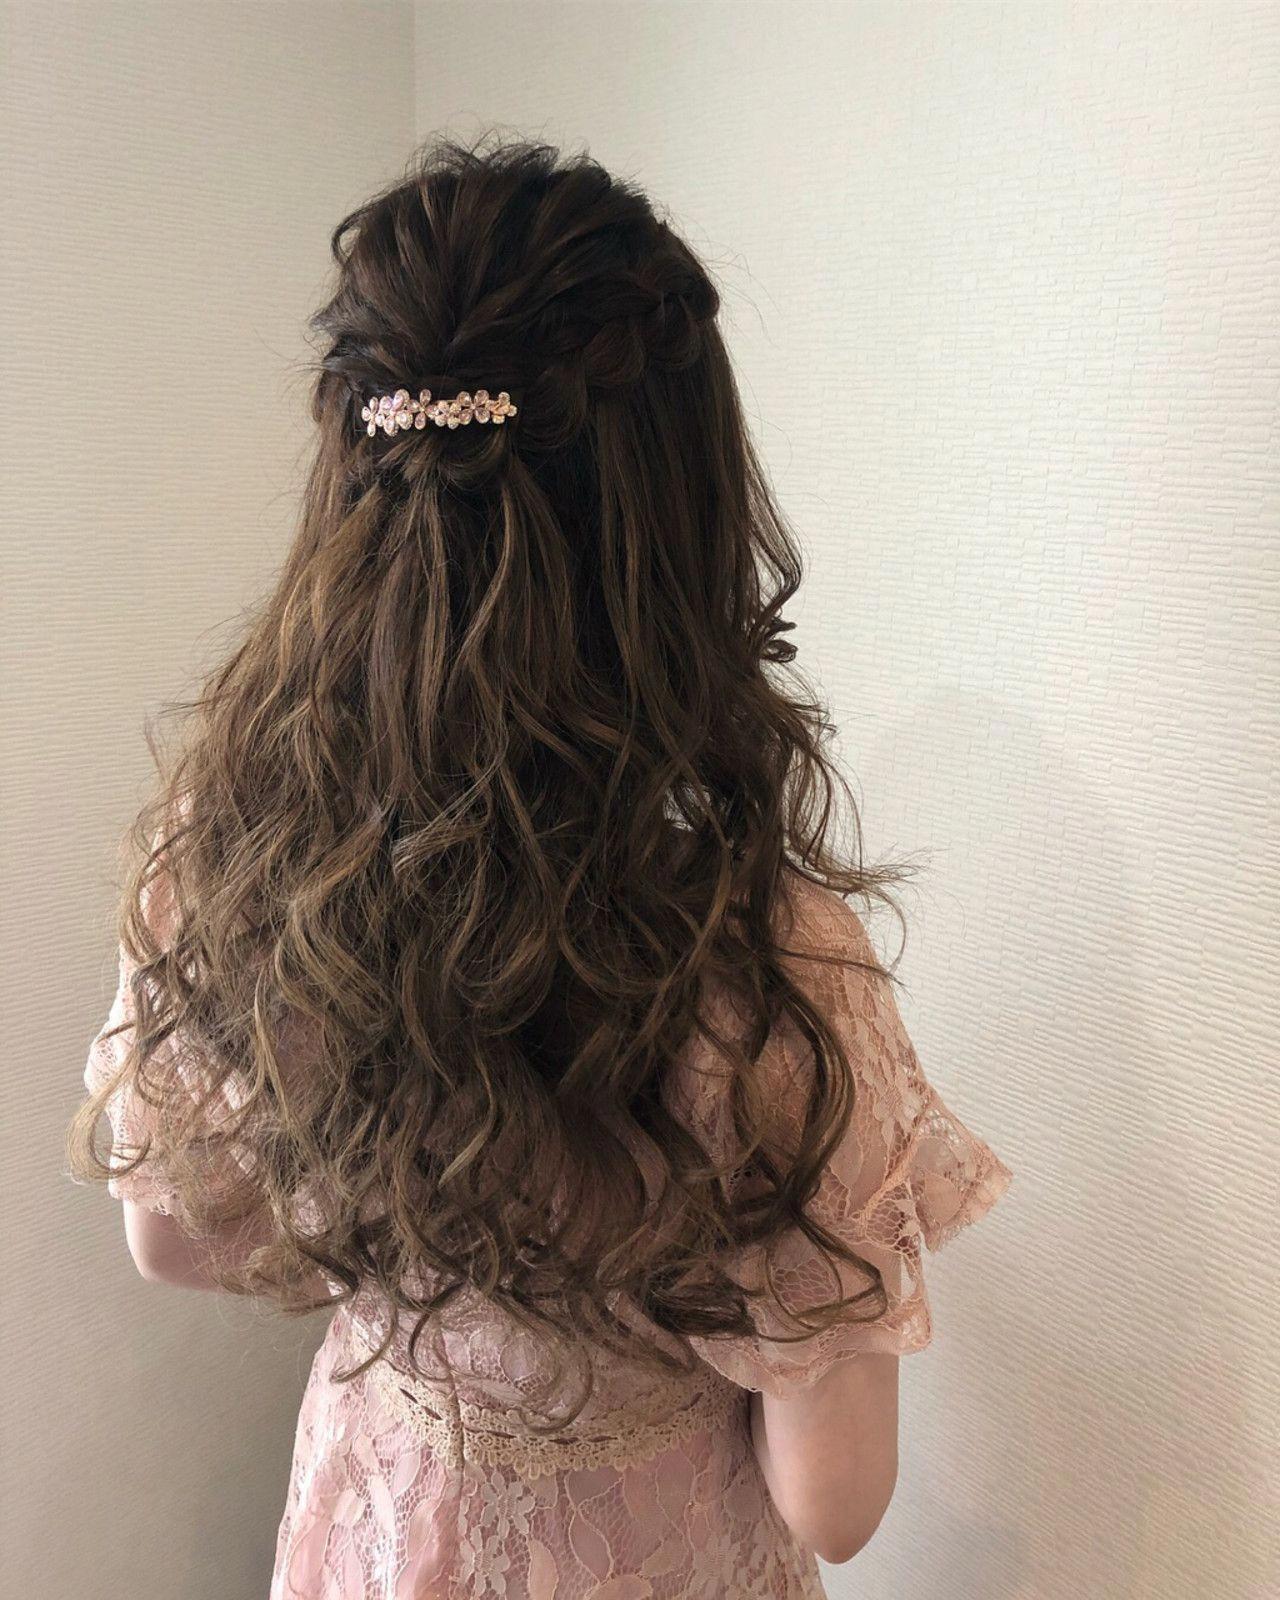 バレッタのヘアアレンジでオフィスやデートも簡単可愛くアプデ Hair 2020 ヘアスタイリング ロングパーマヘア